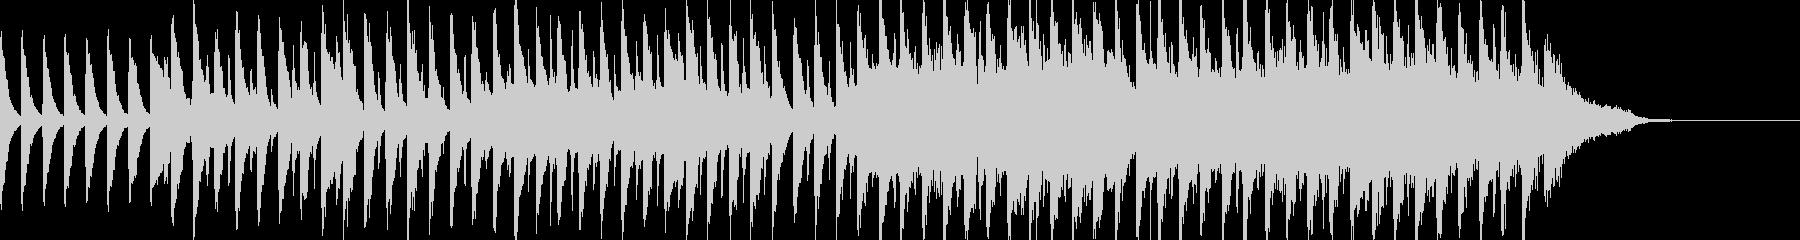 ポップで明るいBGMの未再生の波形